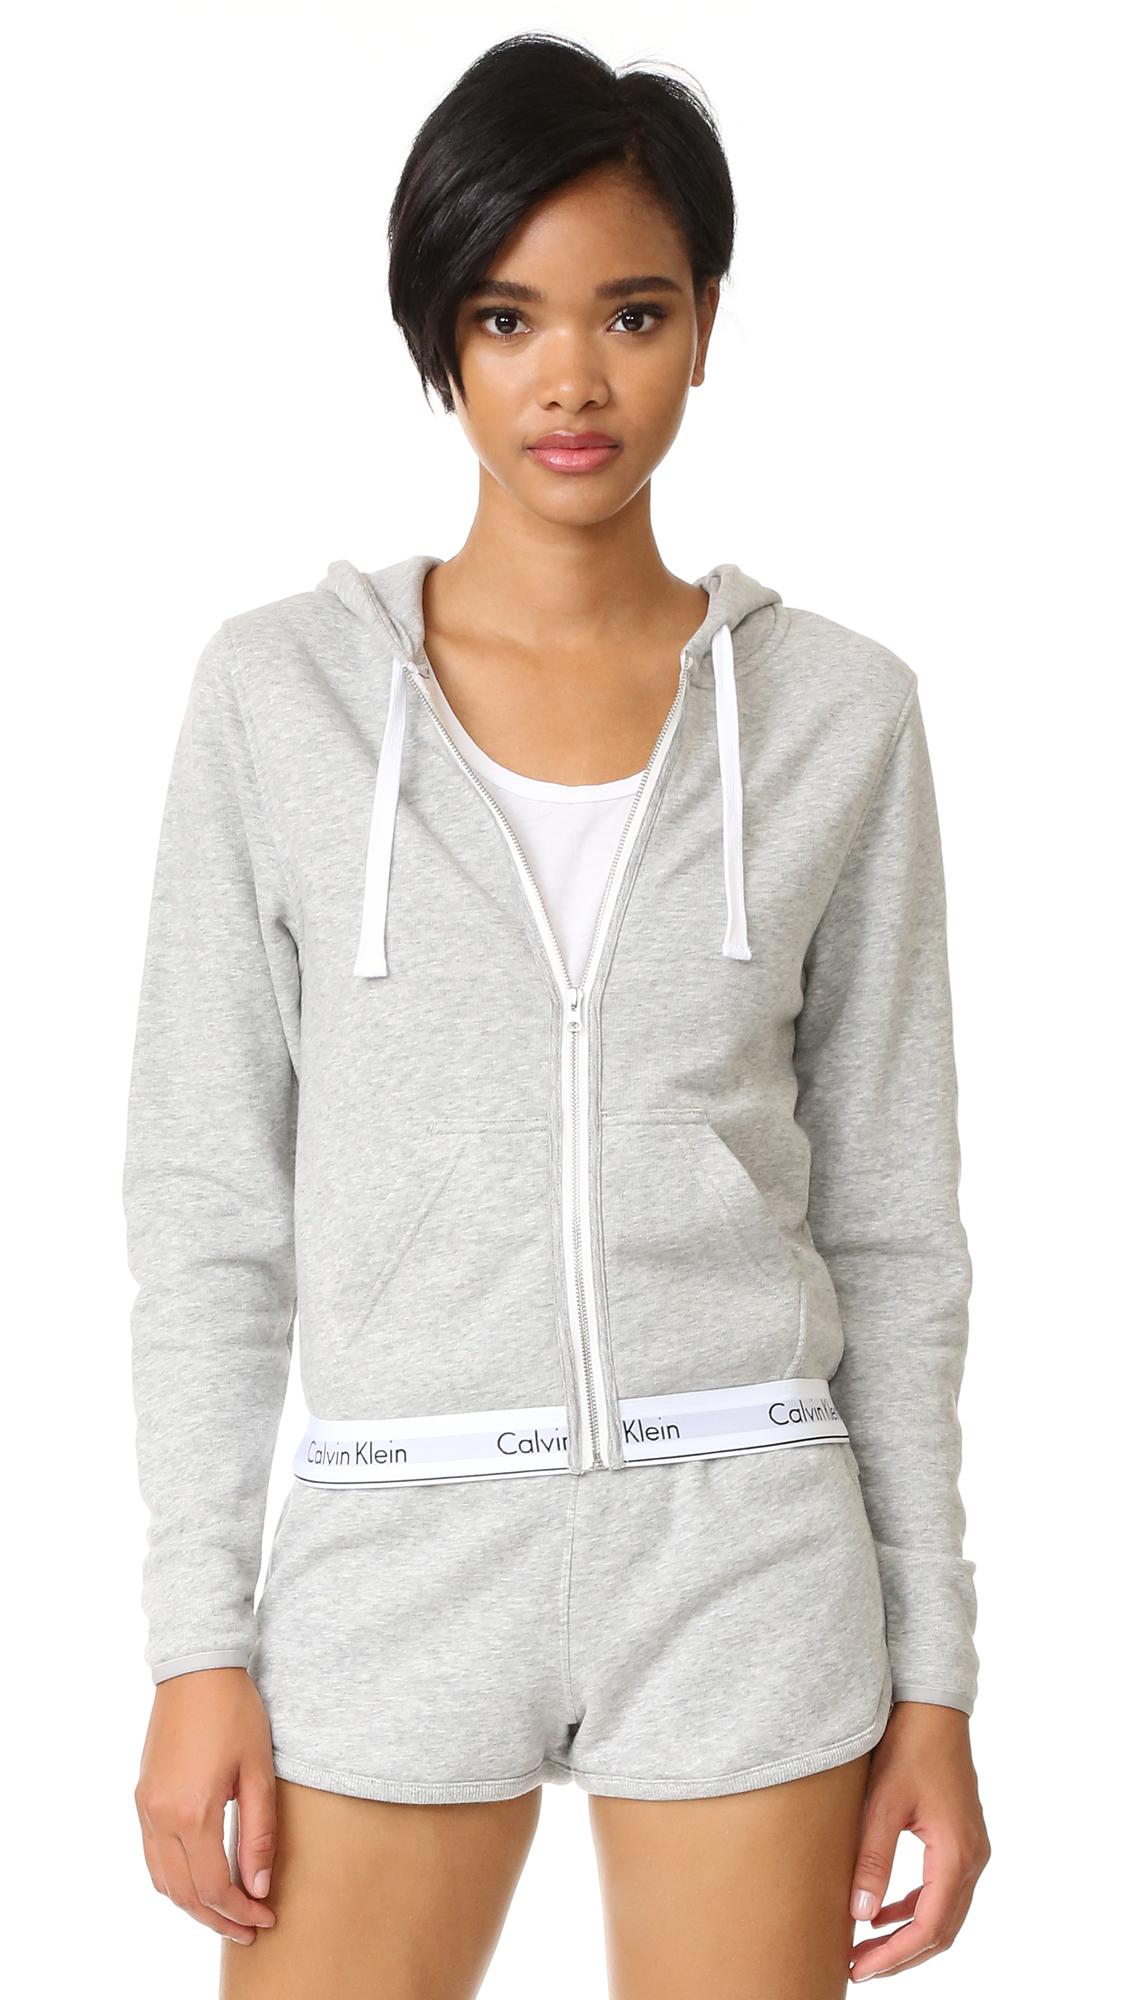 f111d8eac584 Calvin Klein Underwear Modern Cotton Full Zip Hoodie